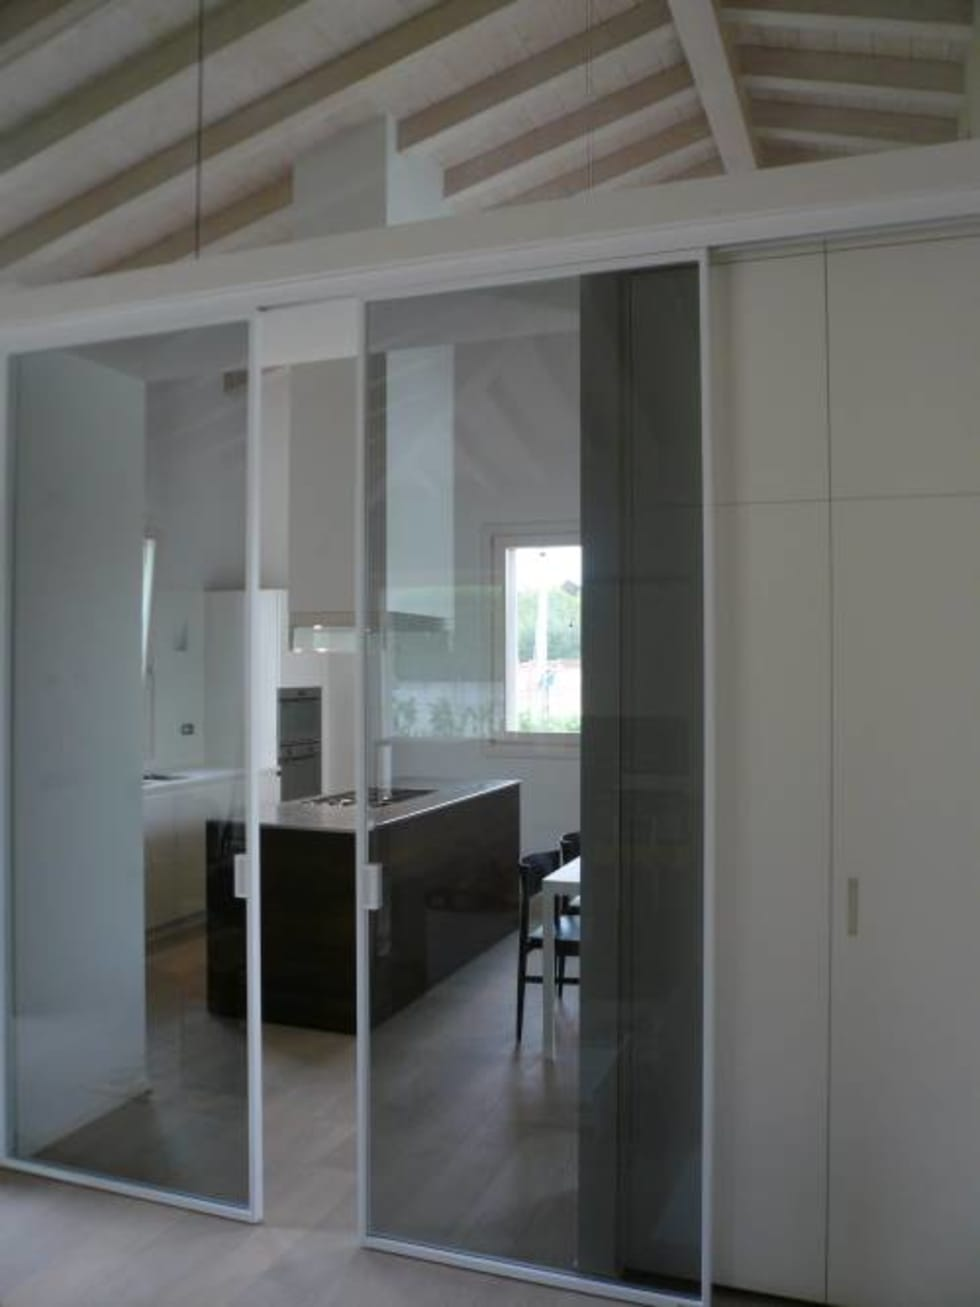 Modo pannelli scorrevoli: Cucina in stile in stile Moderno di MOVI ITALIA SRL